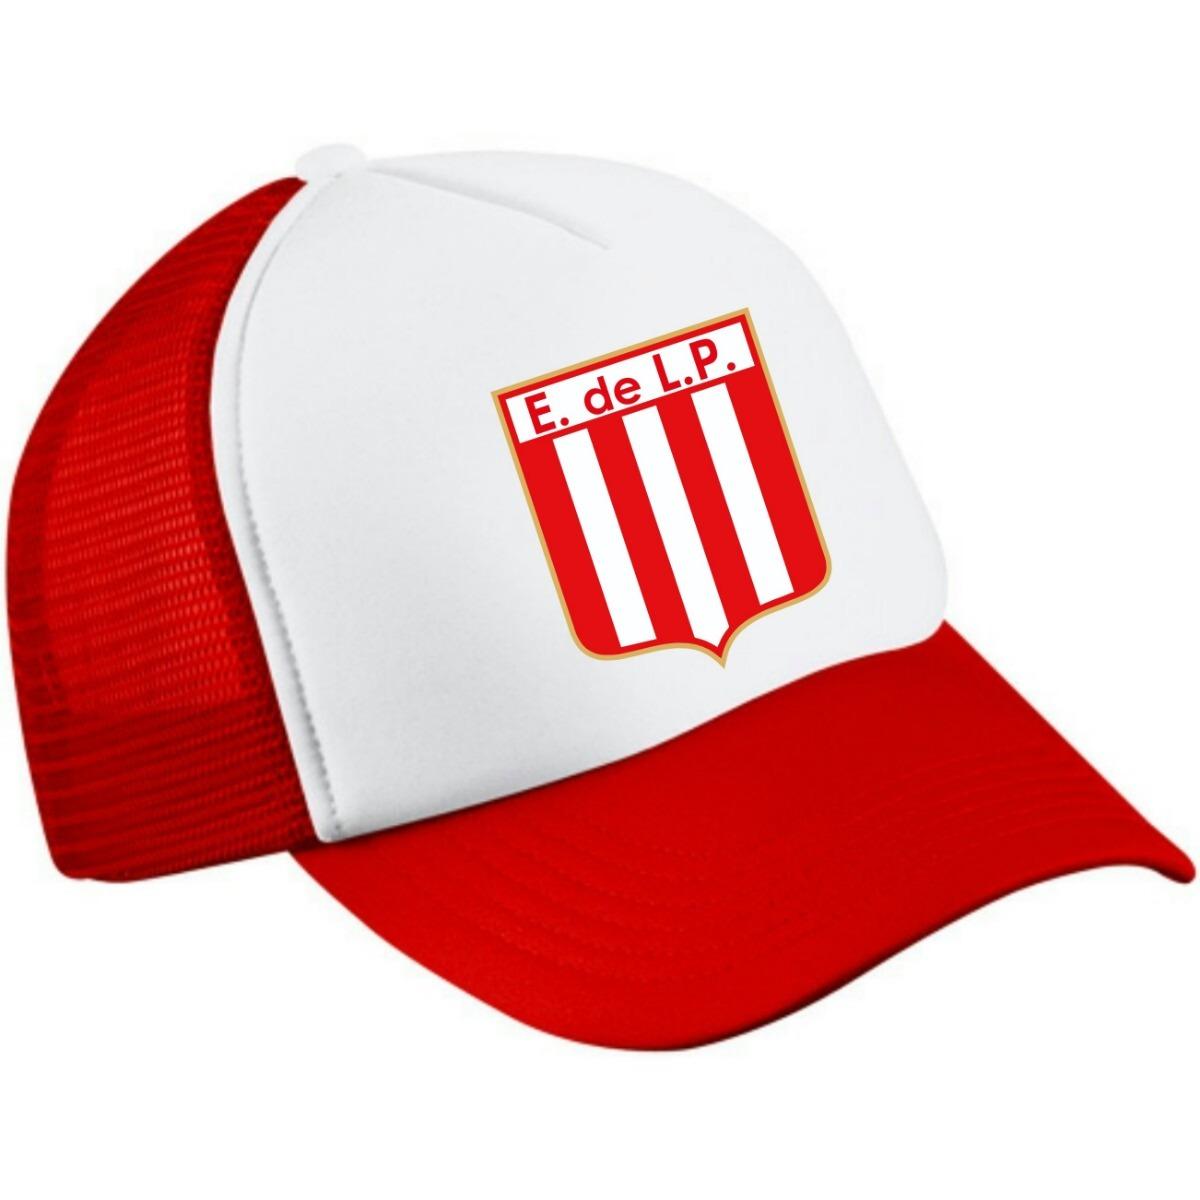 Gorra Trucker Estudiantes De La Plata -   209 31b5688f2b3